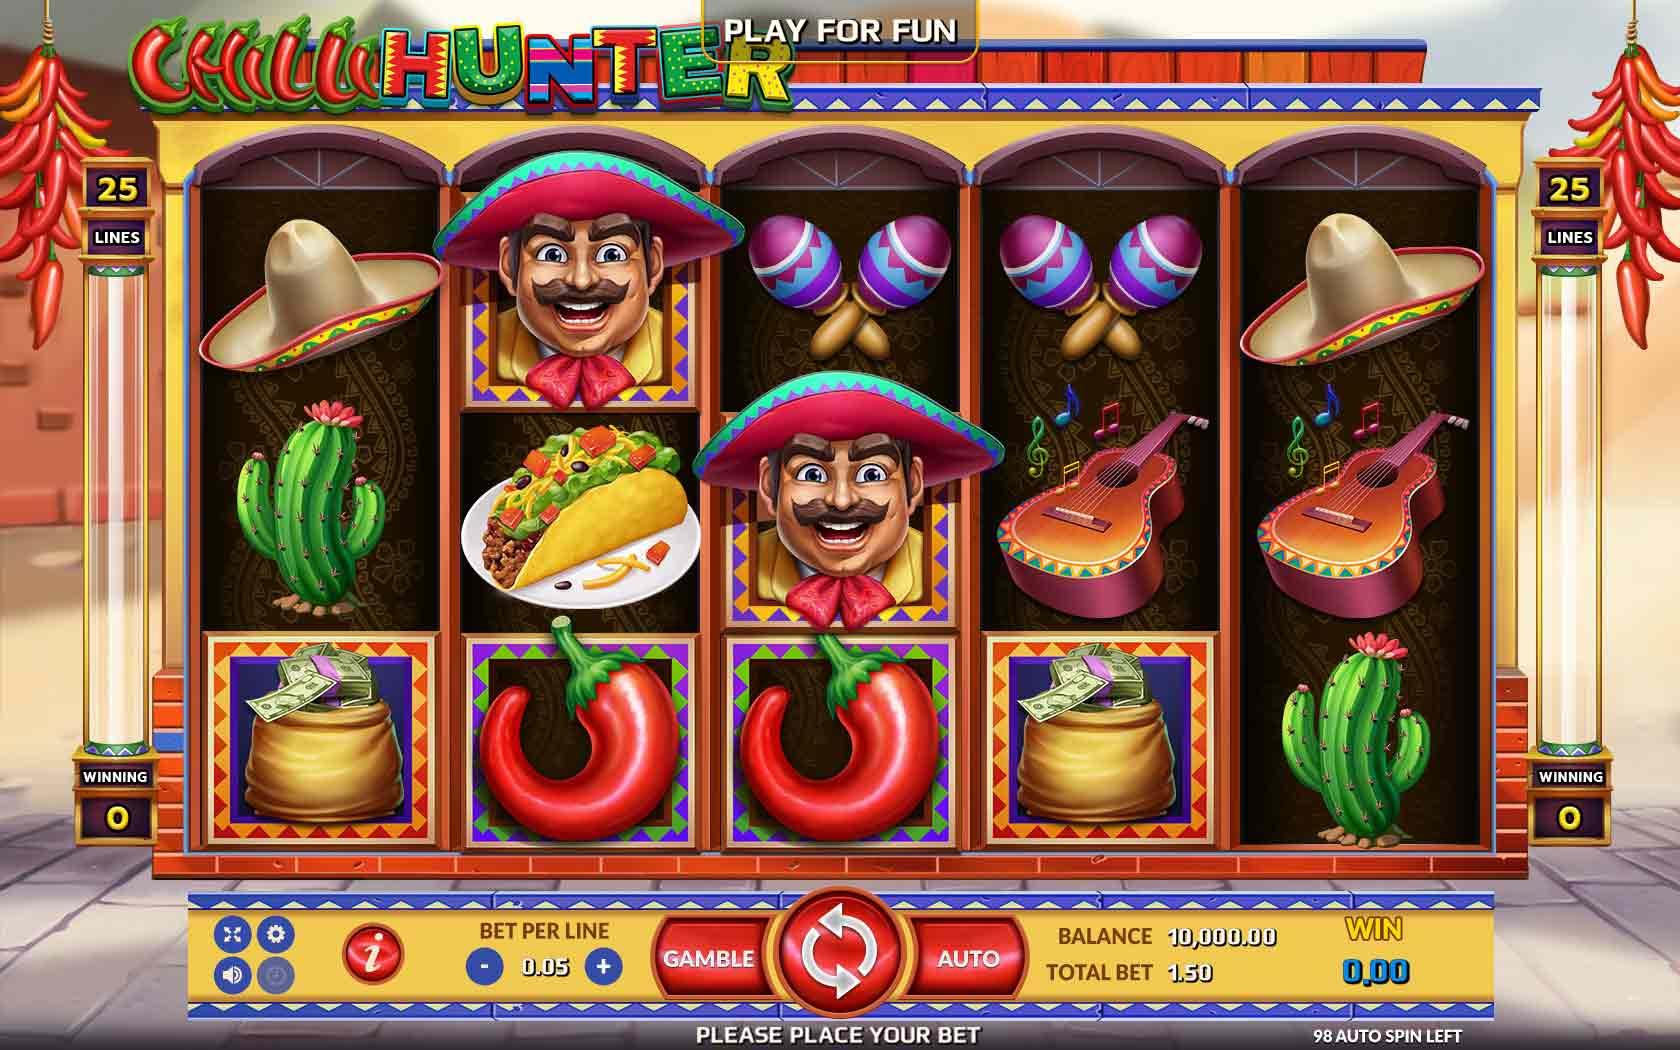 เล่นเกม Slot1668 ได้เงินง่ายๆ-Gametips2